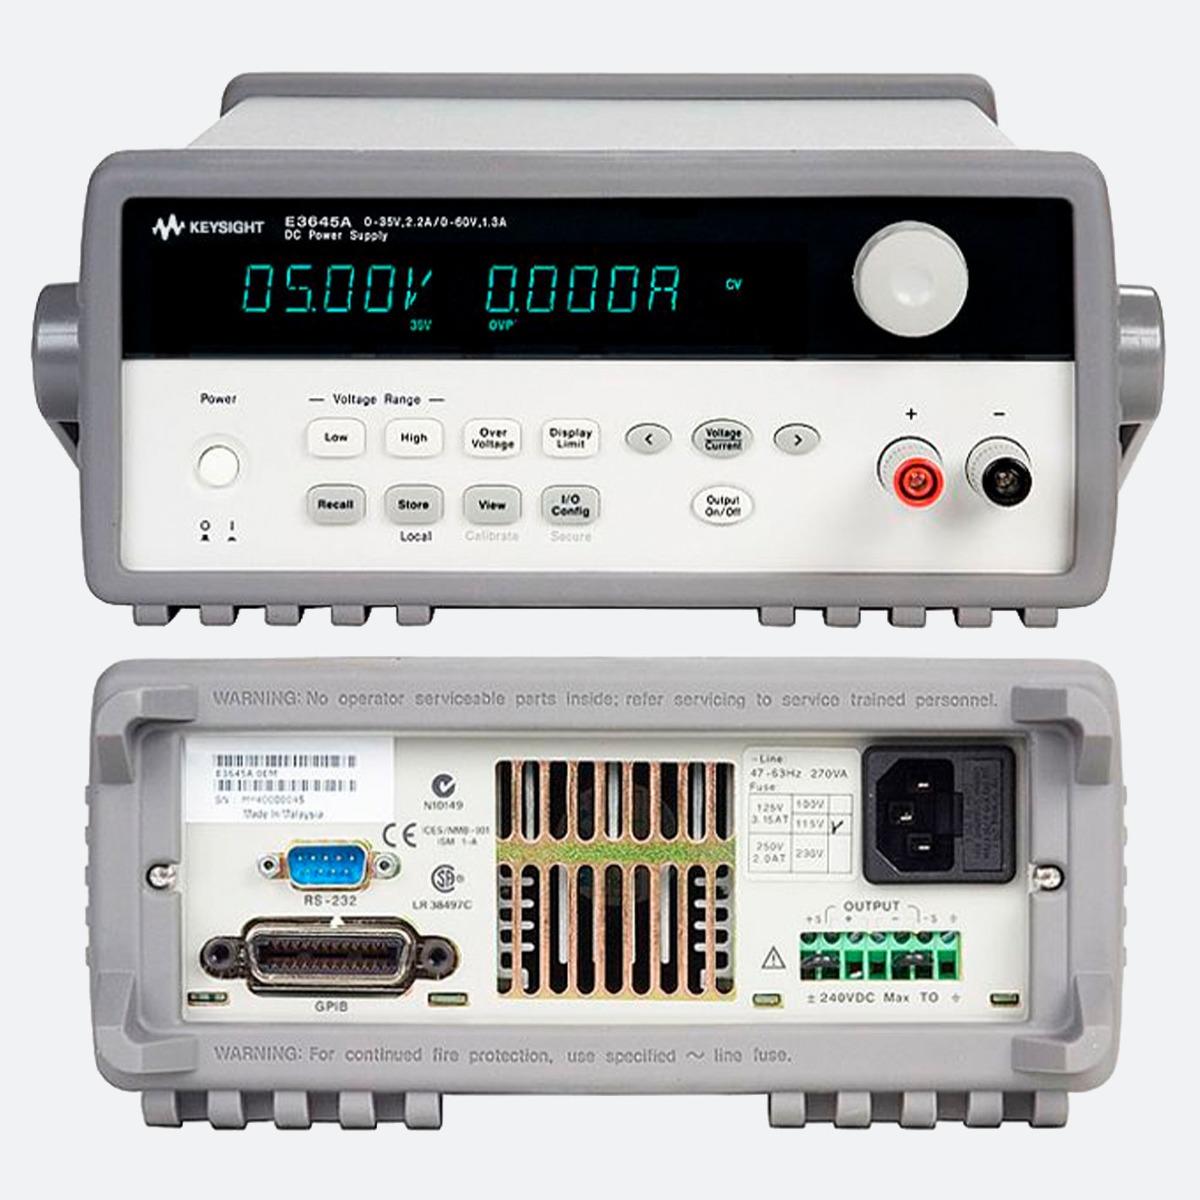 Keysight_E3641A_E3642A_E3643A_E3645A_FrontBack_Ccontrols_1